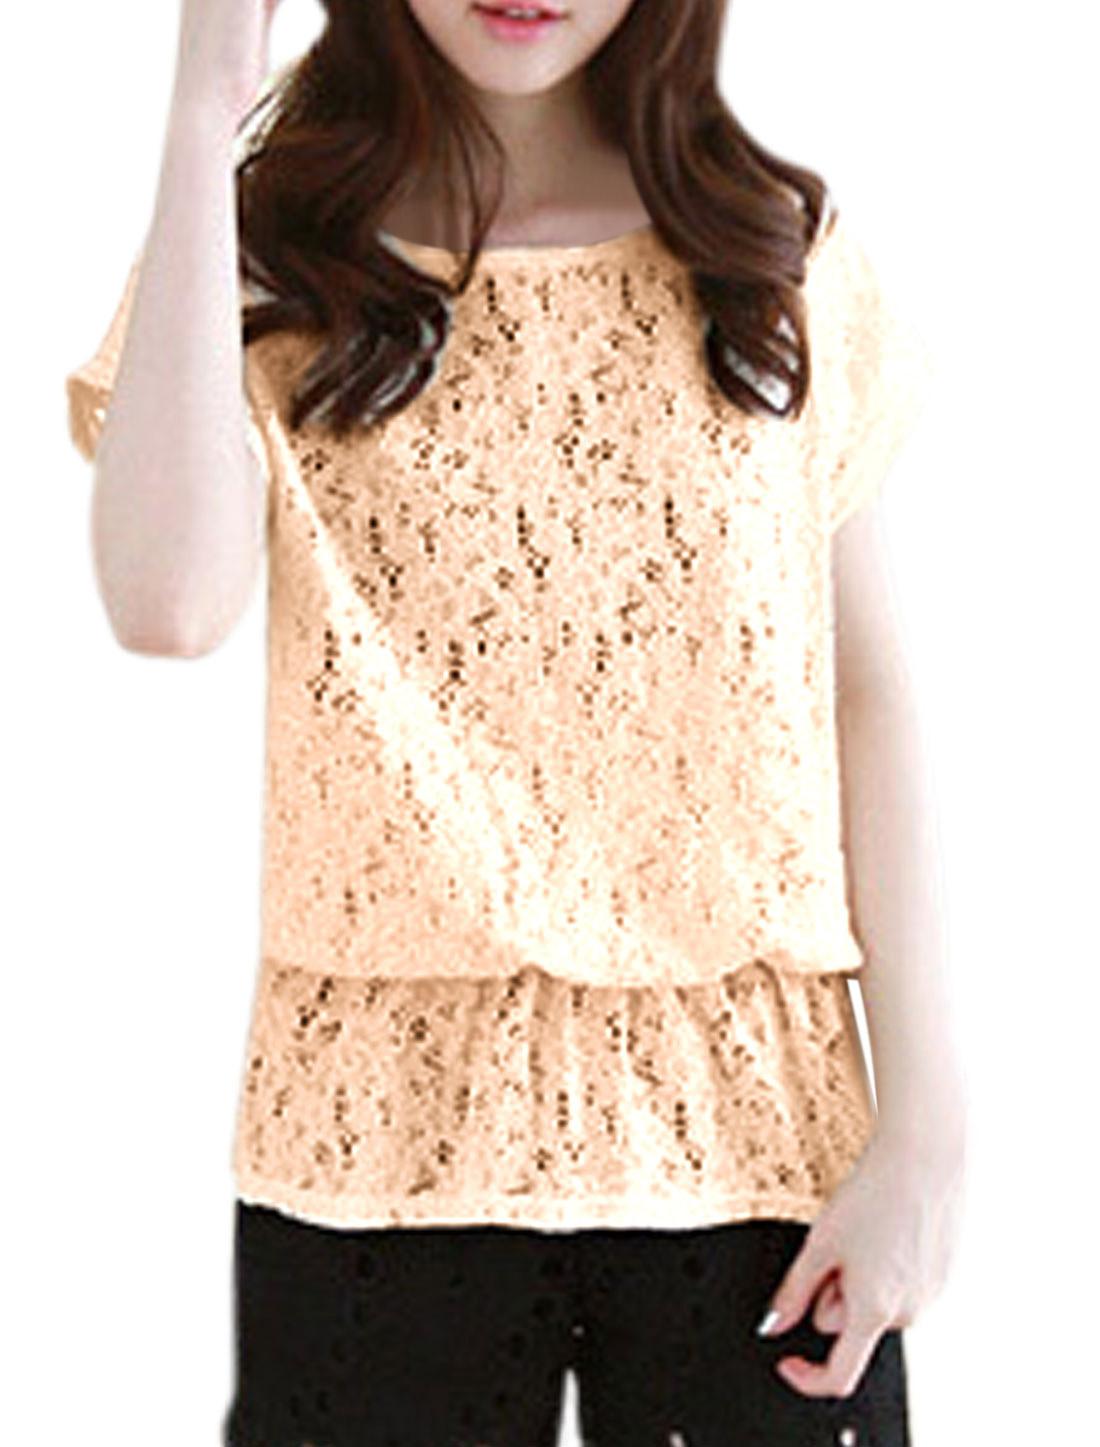 Lady Slipover Short Sleeve Flower Design Leisure Top Beige S